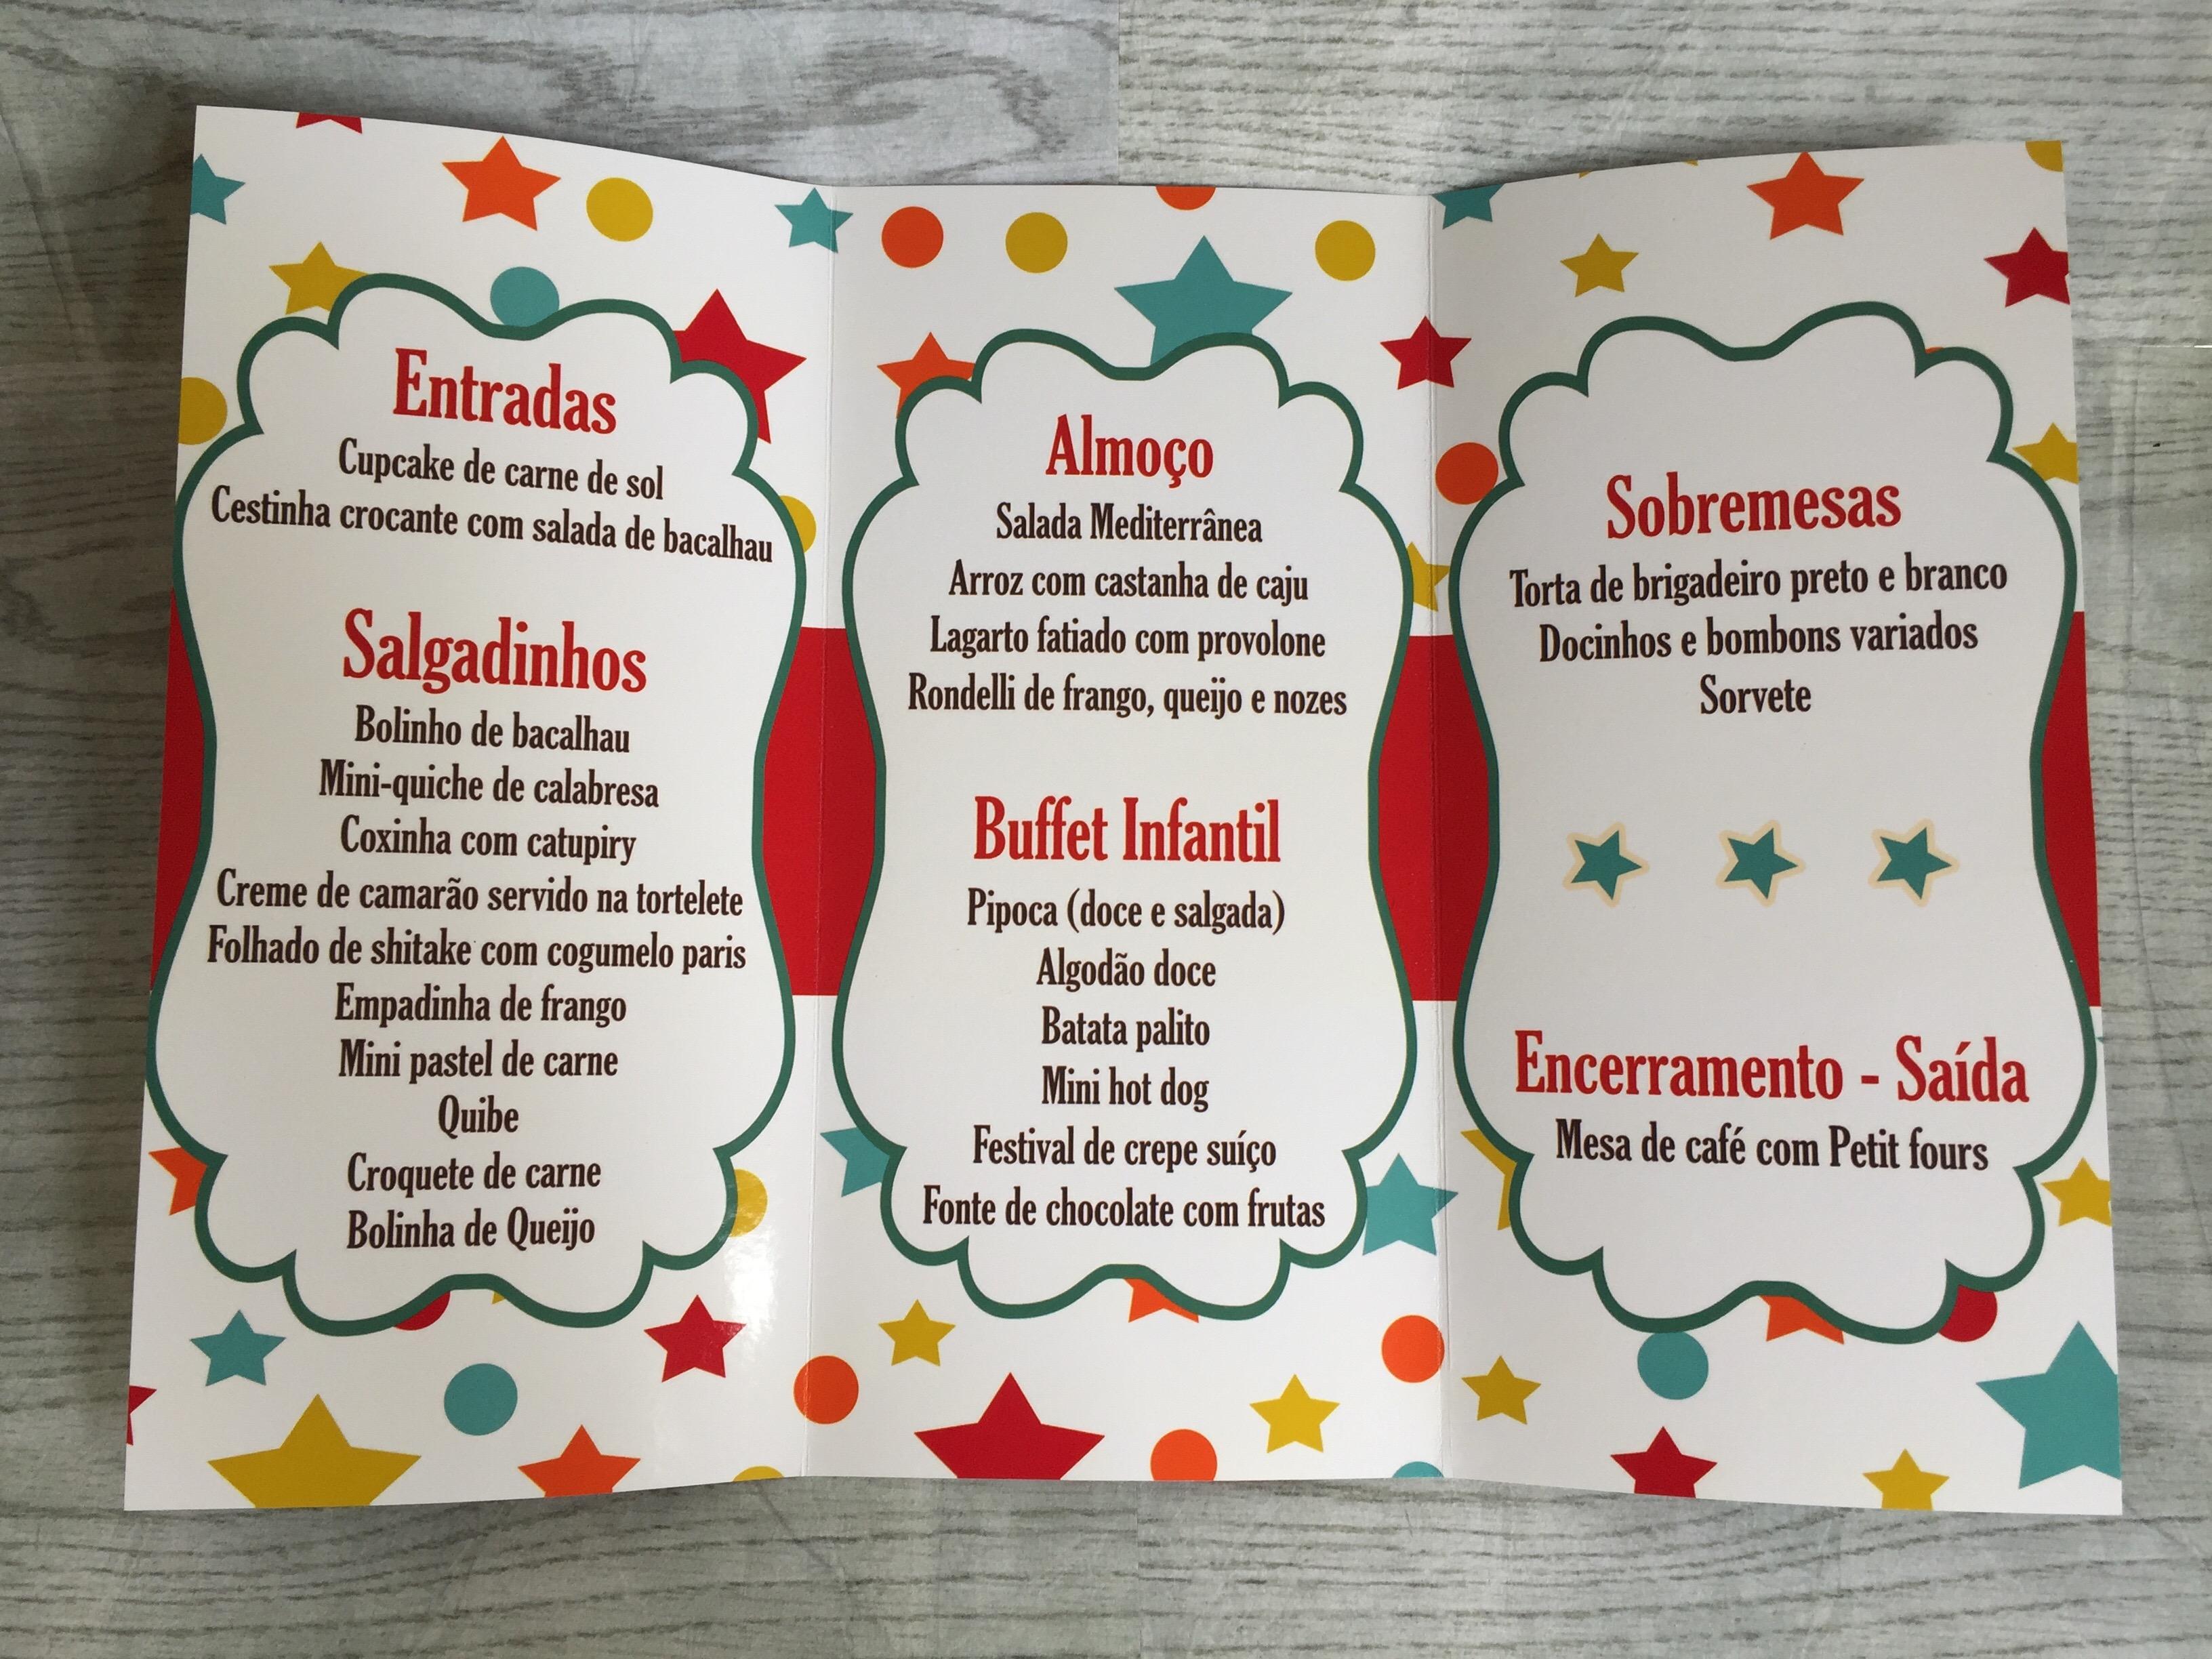 Suficiente Cardápio Personalizado Circo no Elo7 | Rec&Scrap Papelaria  DS71